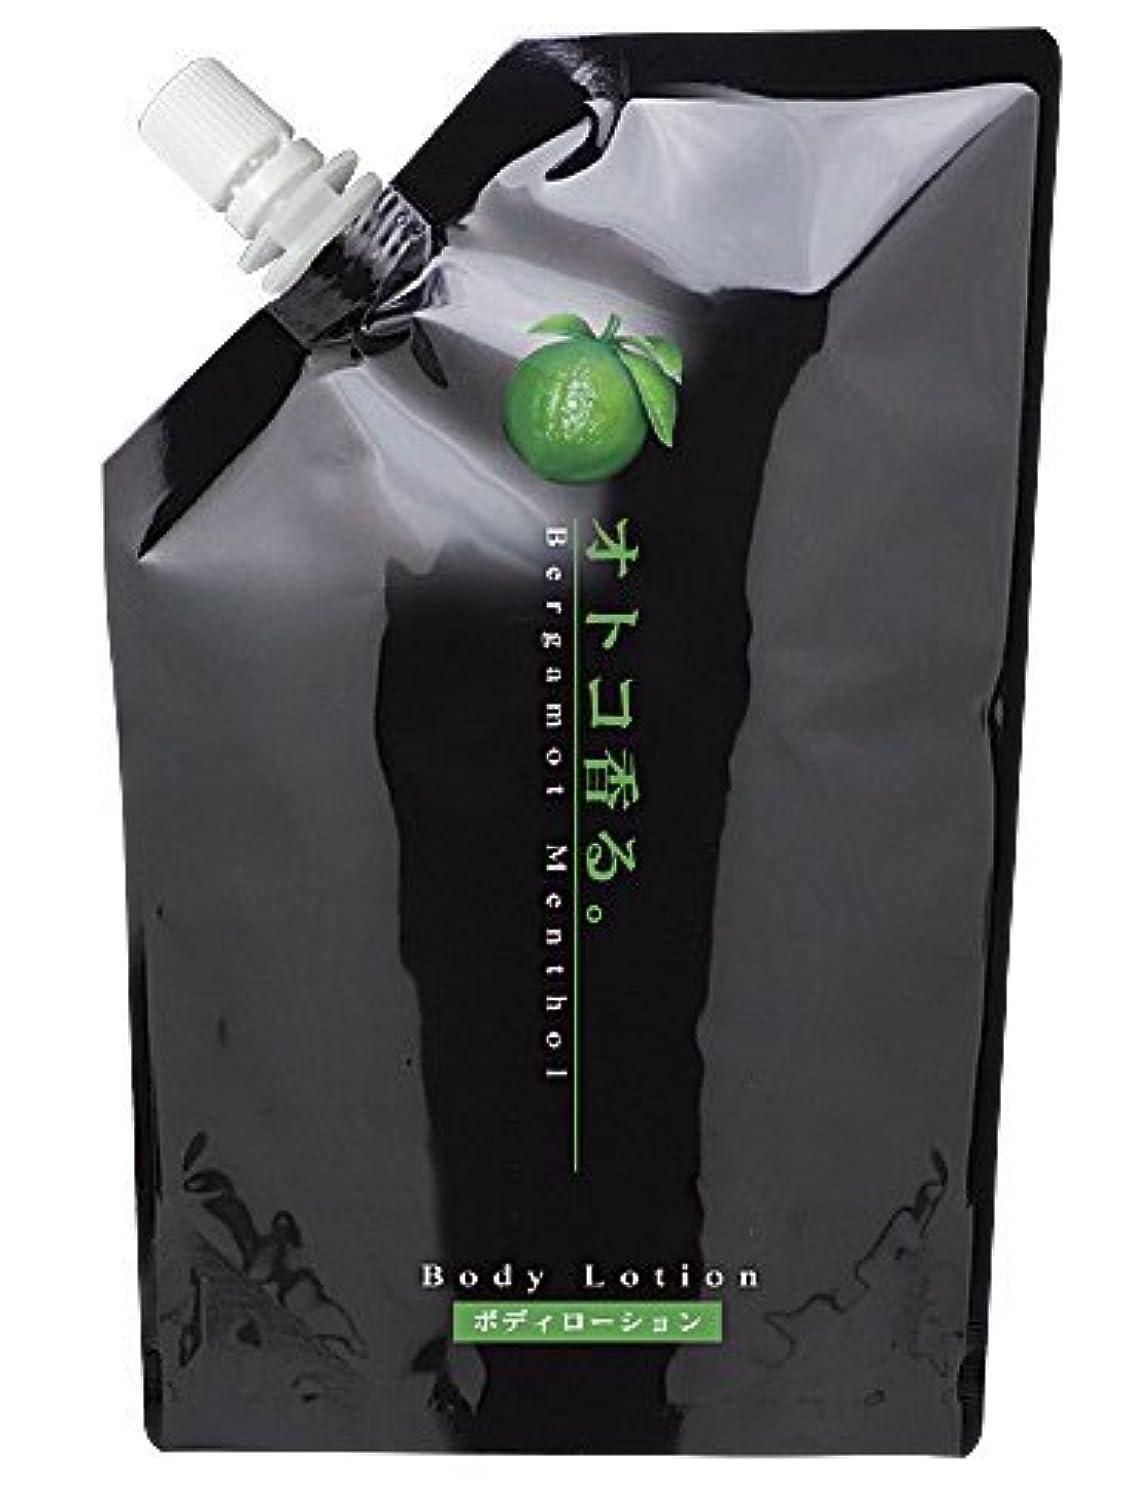 パーティションチケット疲れたkracie(クラシエ) オトコ香る ボディローション ベルガモットの香り 微香性 業務用 家庭様向け 500ml 補充サイズ